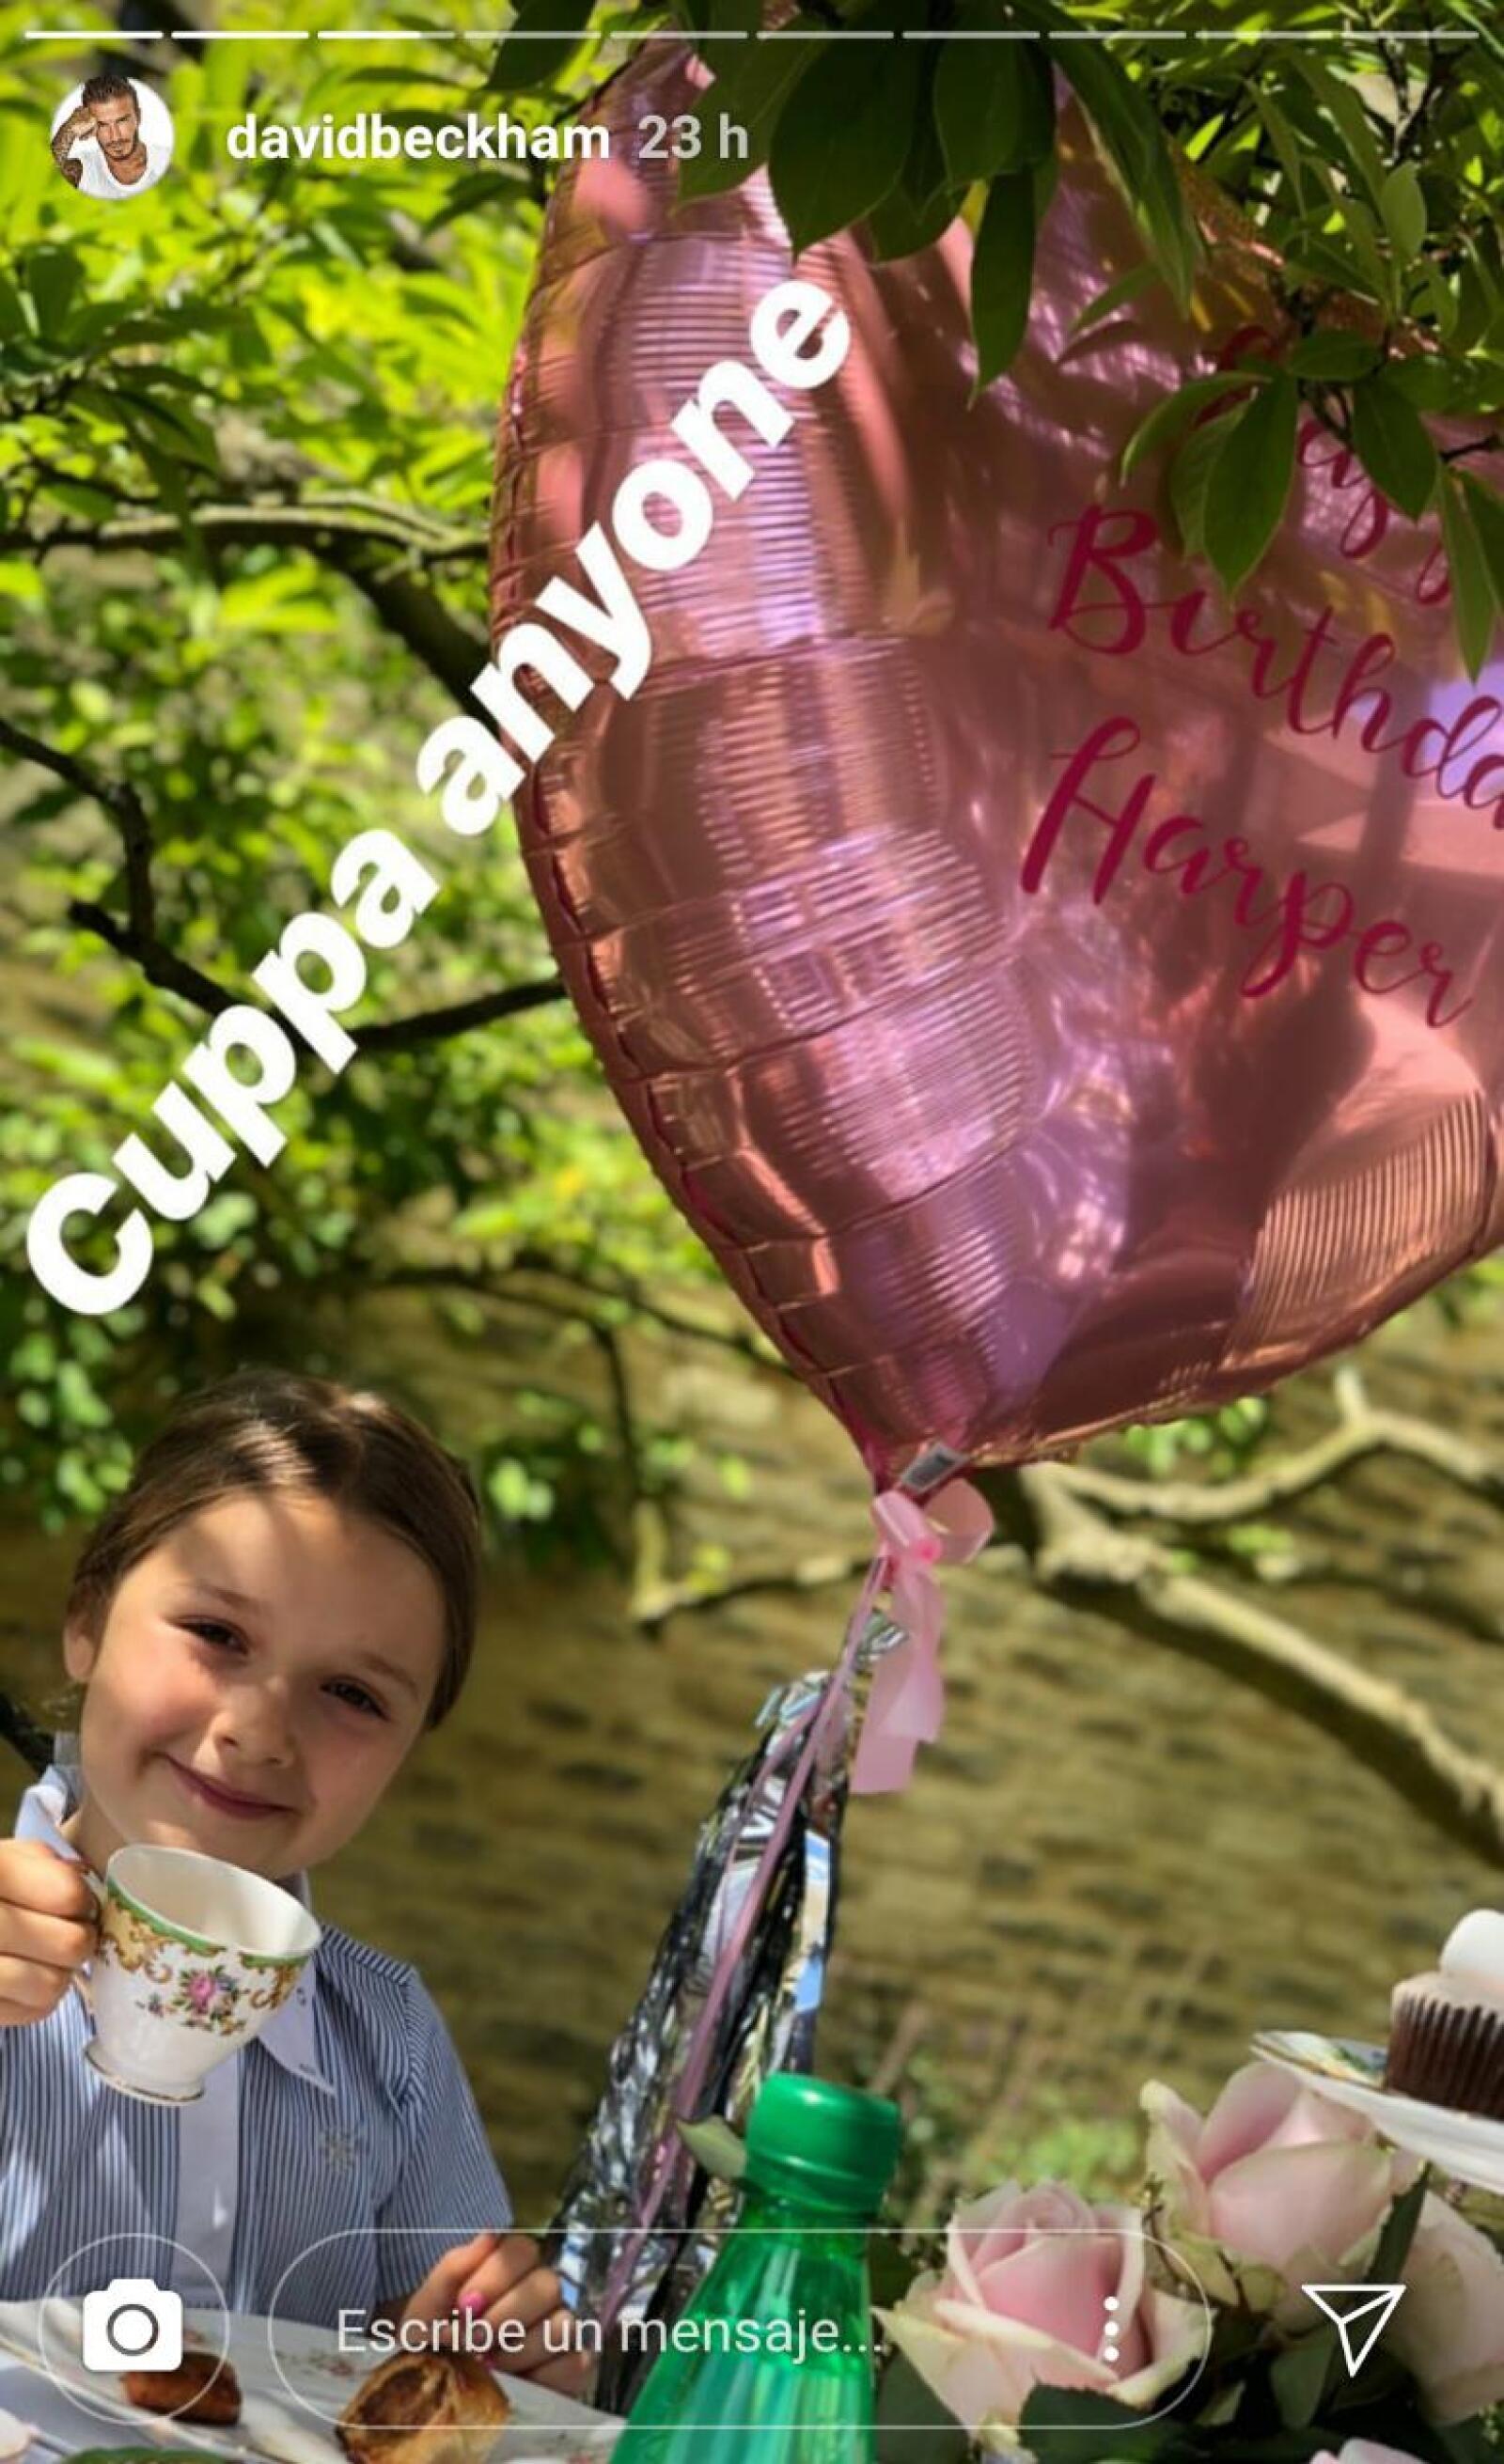 Harper recibe el regalo más espectacular en su cumpleaños